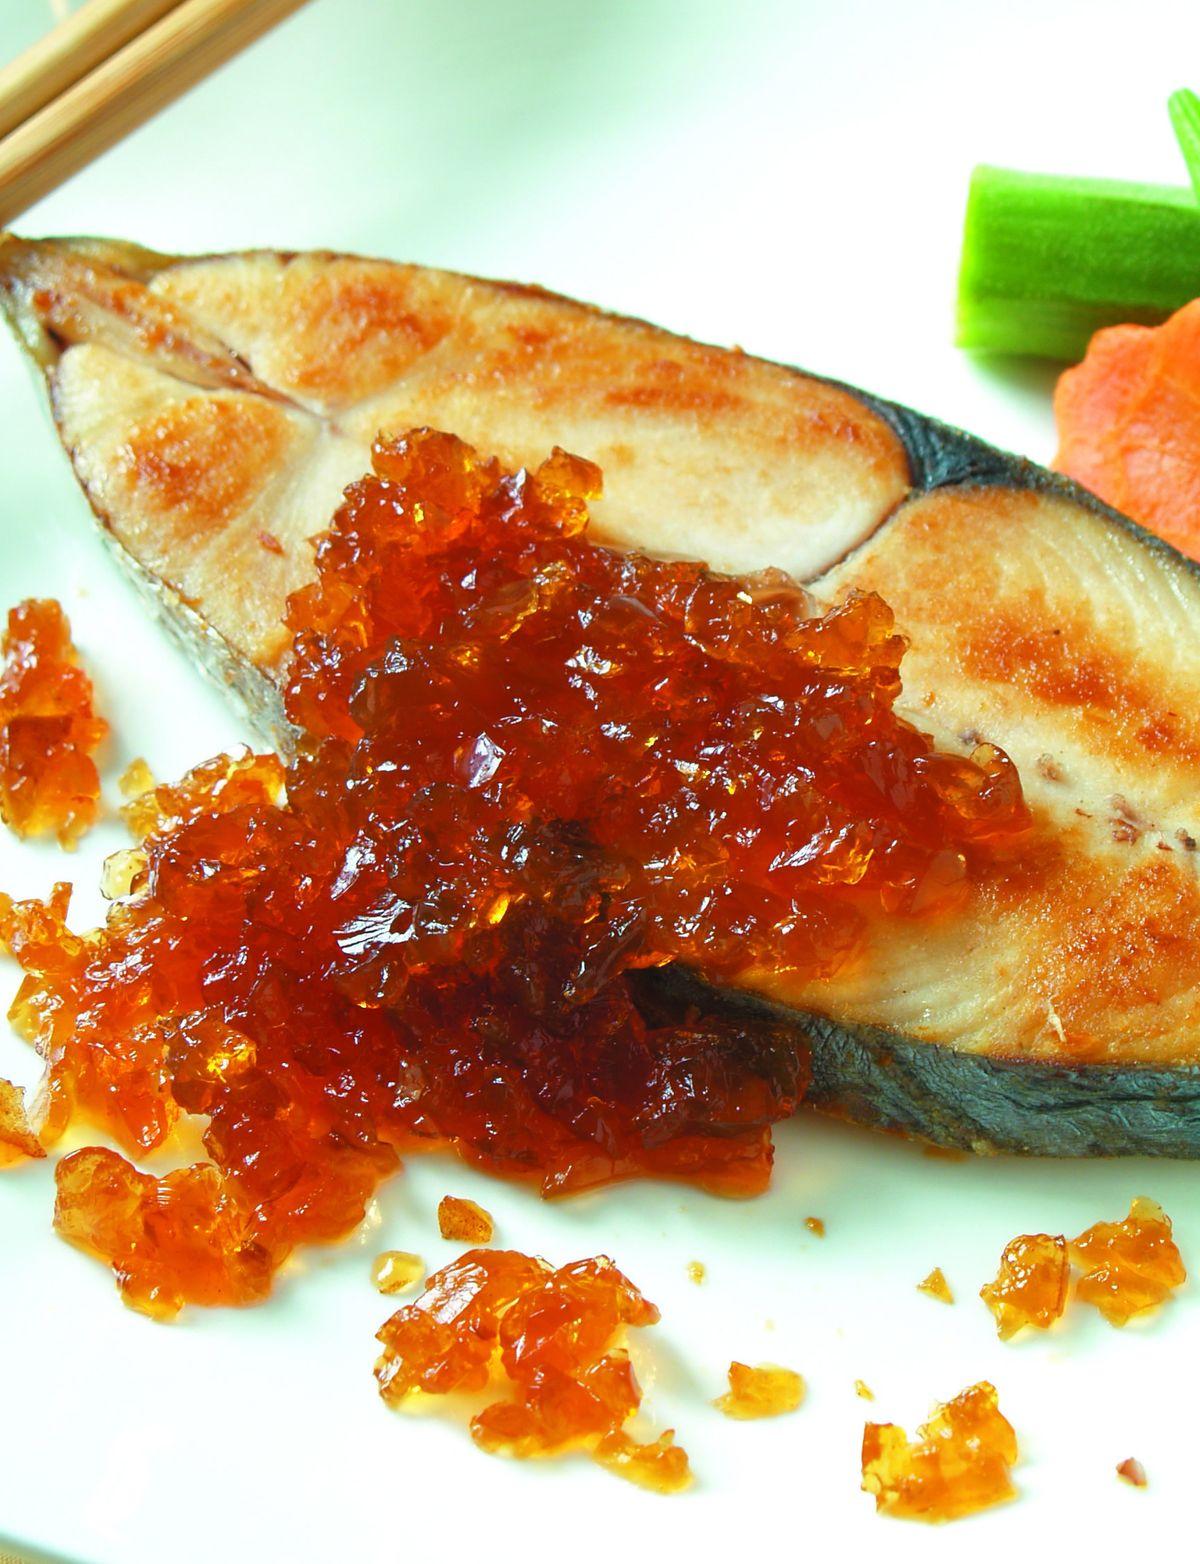 食譜:寒天醋凍佐鮮魚